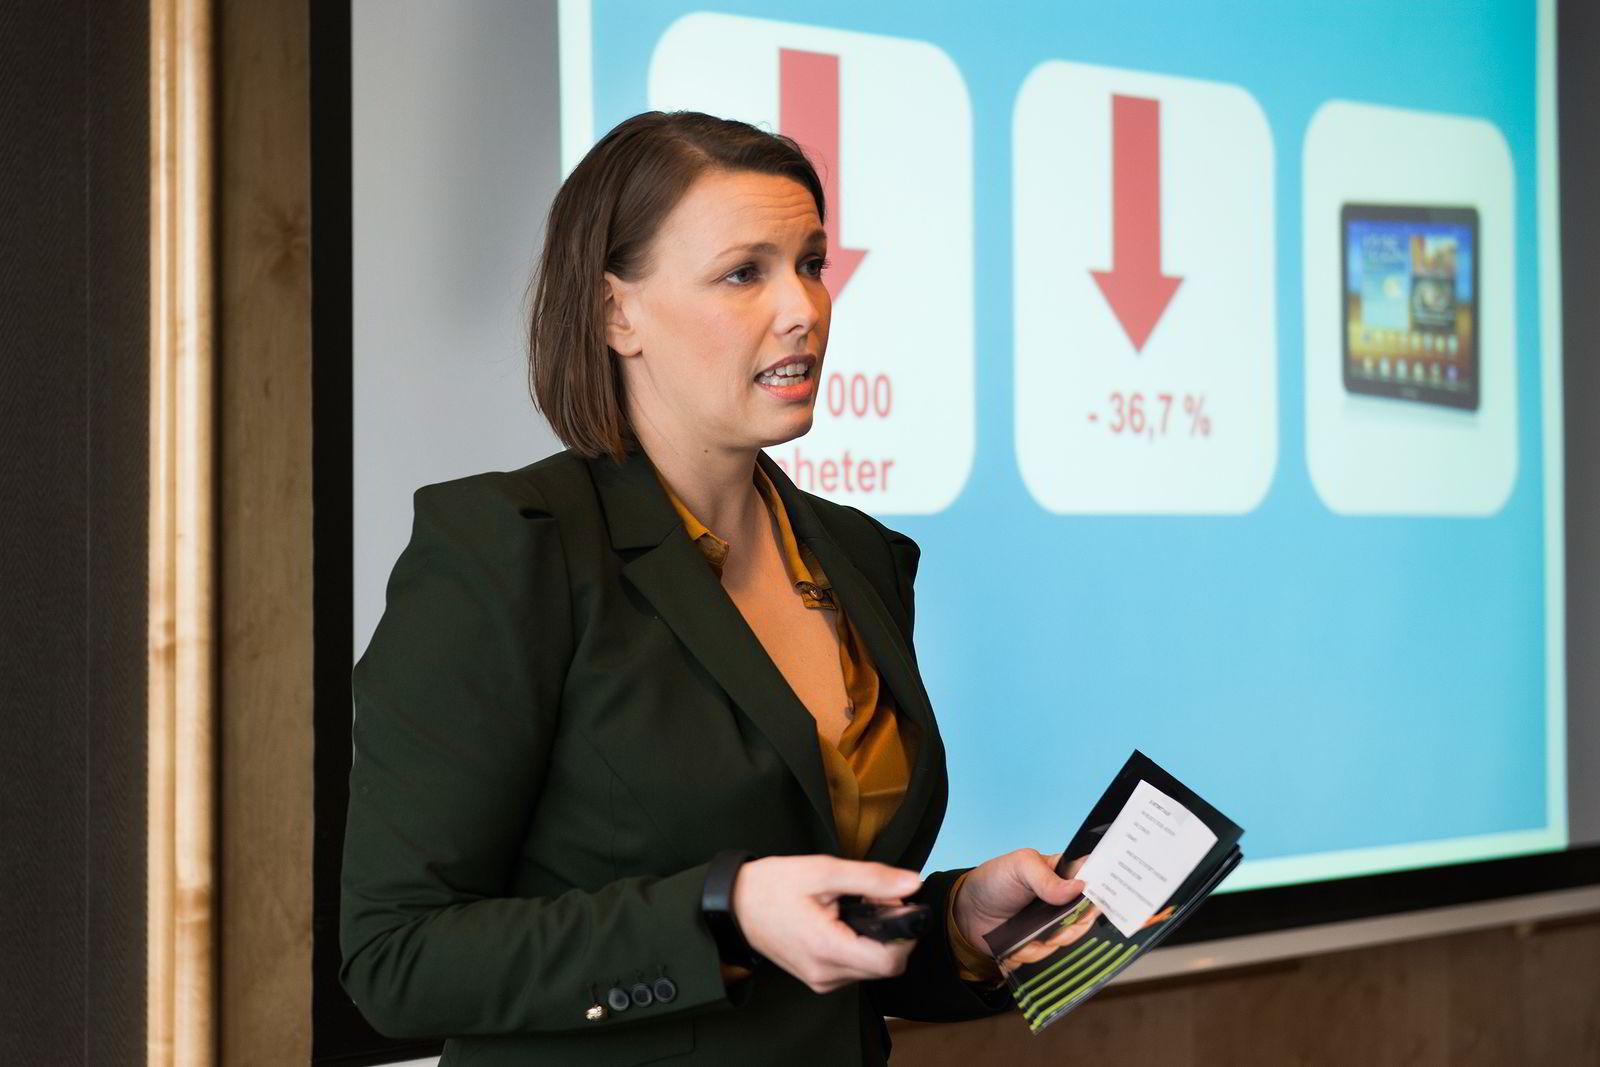 Oslo 10.02.2015: Kommunikasjonssjef i Elektronikkbransjen Marte Ottermo legger frem statistikker og salgstall for 2014. Kraftig nedgang for nettbrett.